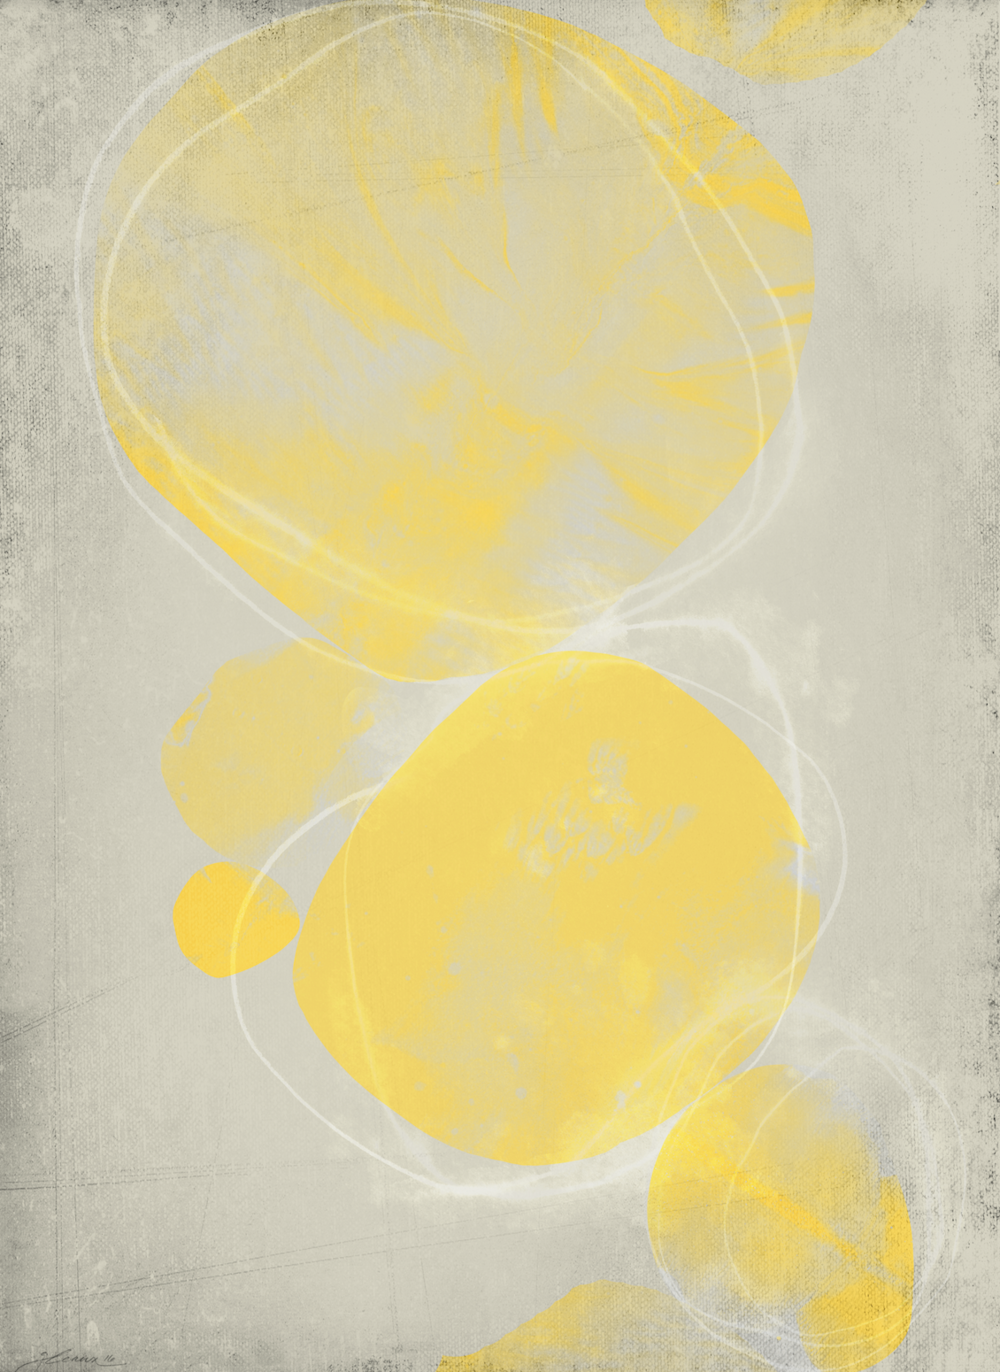 BIG YELLOW 01 : acrylic, aqua-pencil, chalk • • • SHOP ART • • •